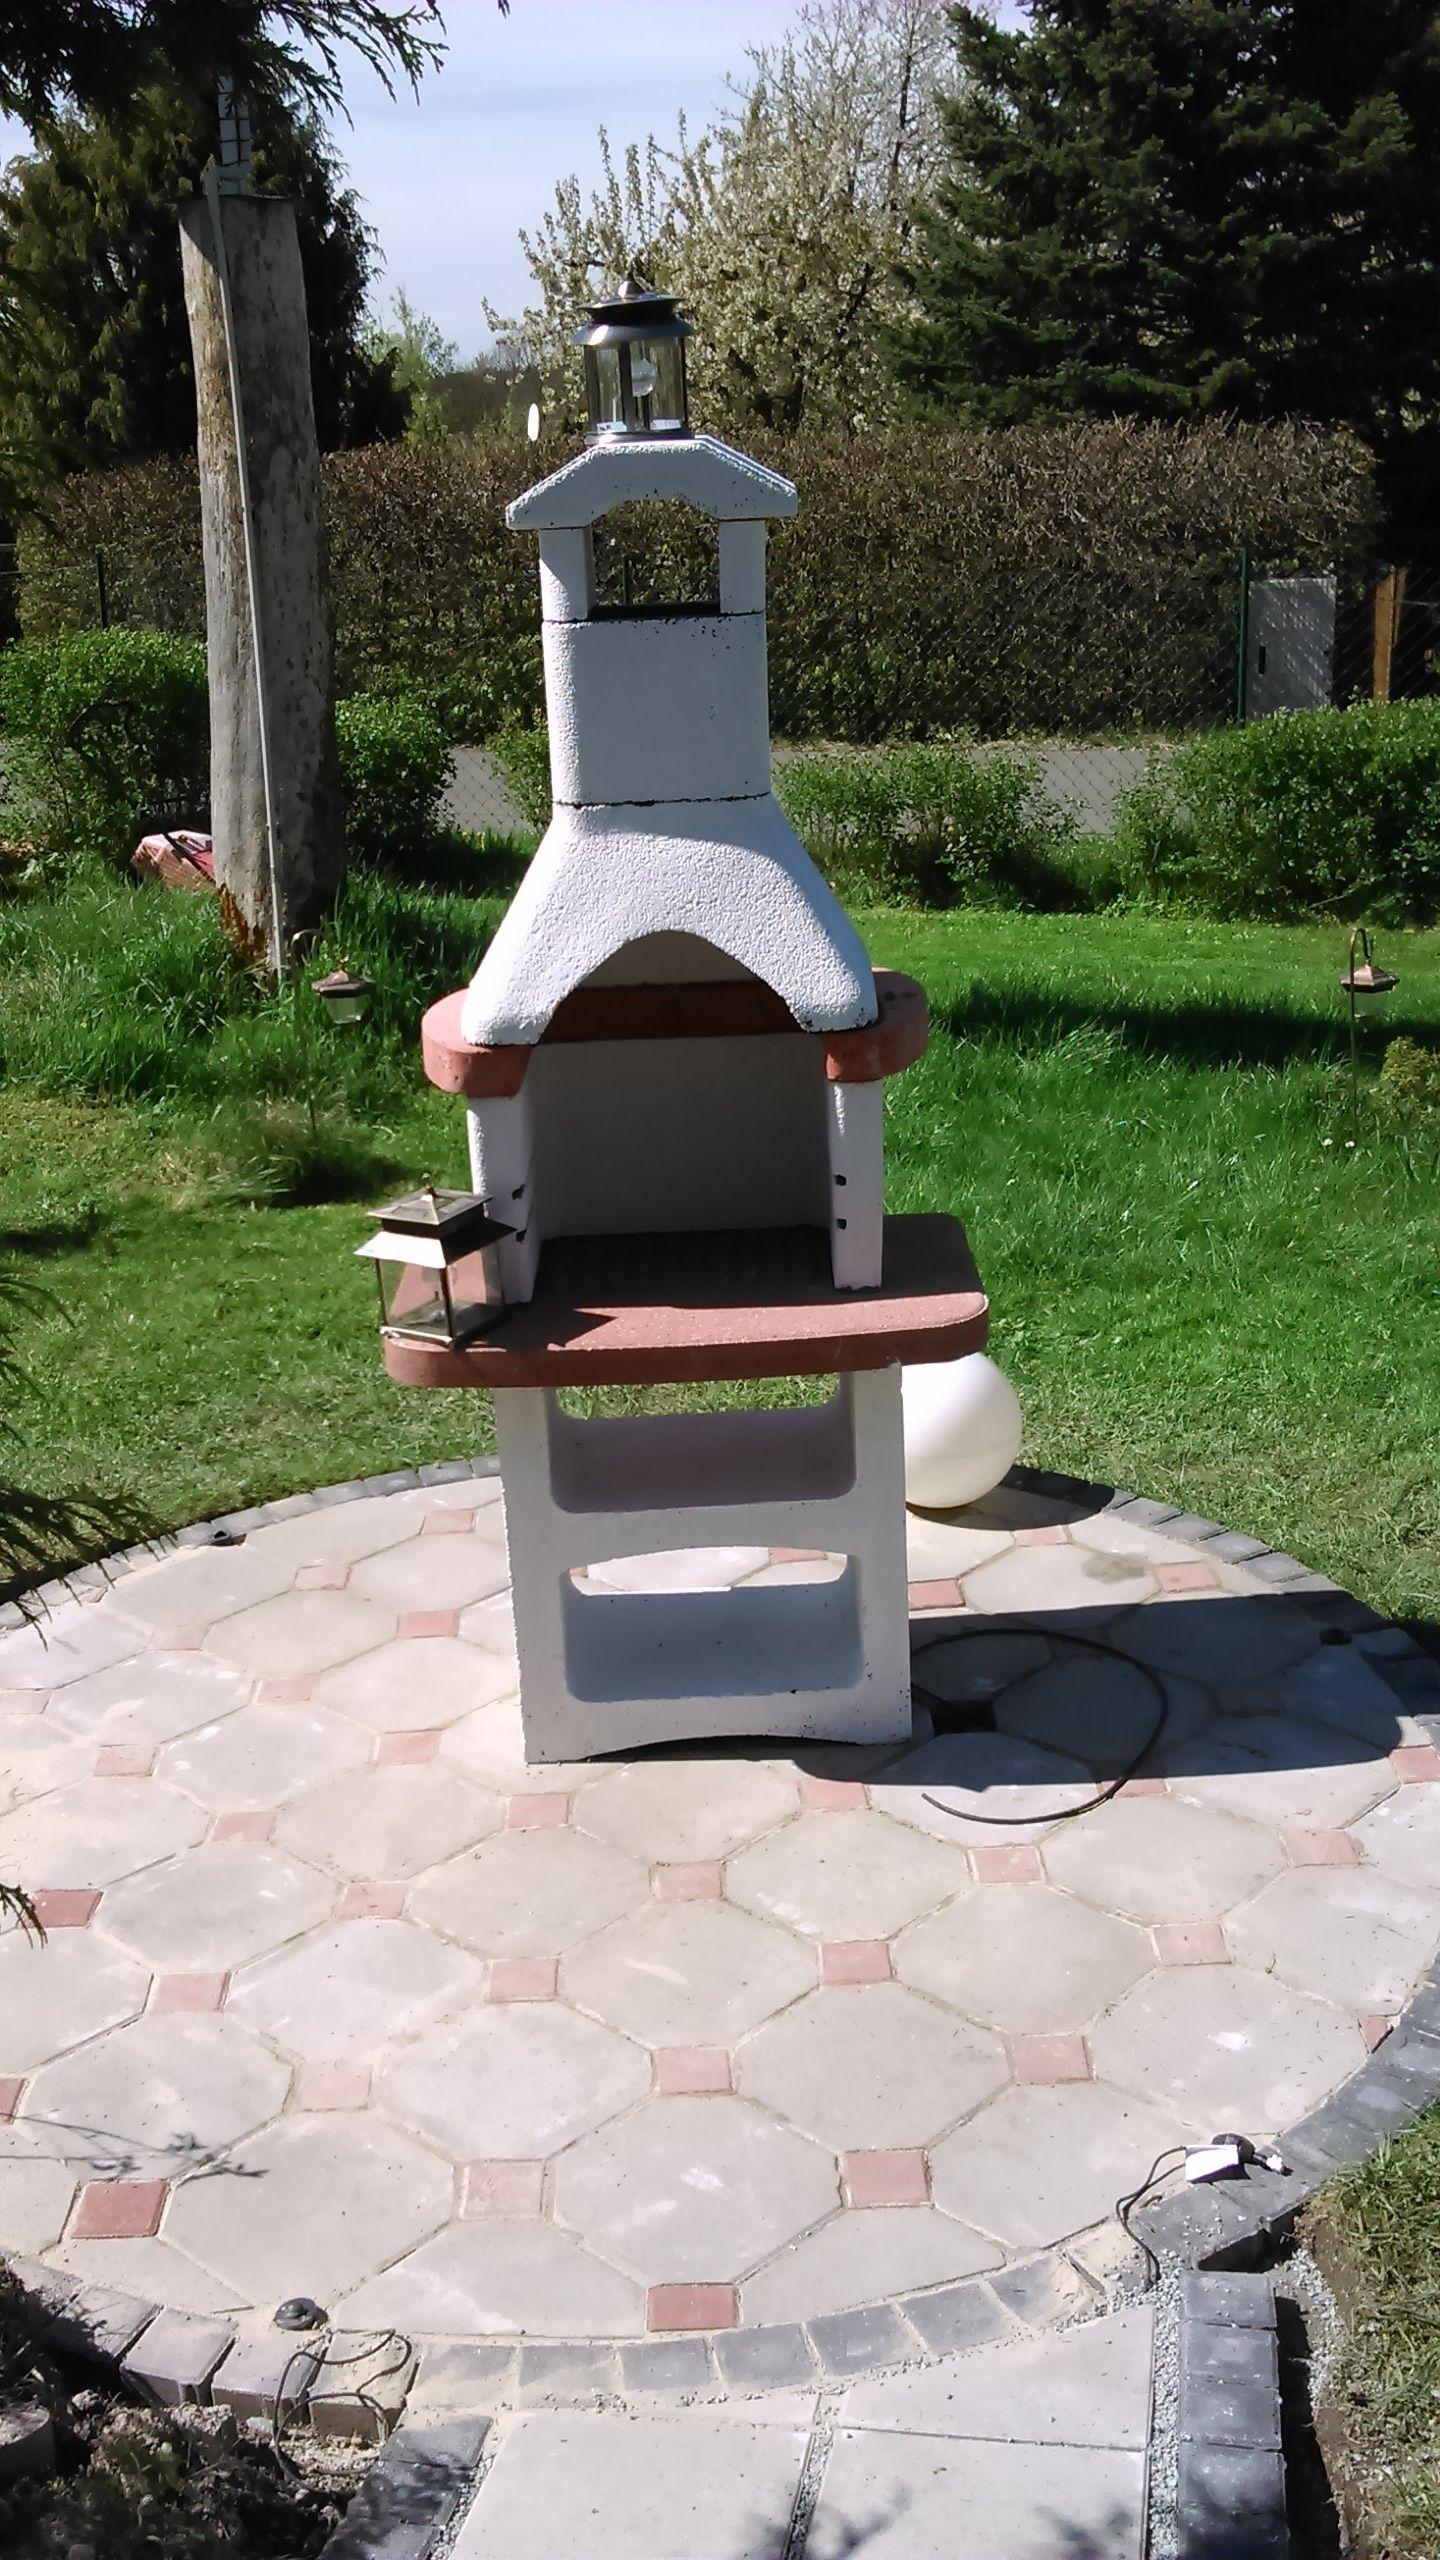 bau eines grillplatzes im garten bauanleitung zum selber bauen garten 1 2 do grillplatz im. Black Bedroom Furniture Sets. Home Design Ideas